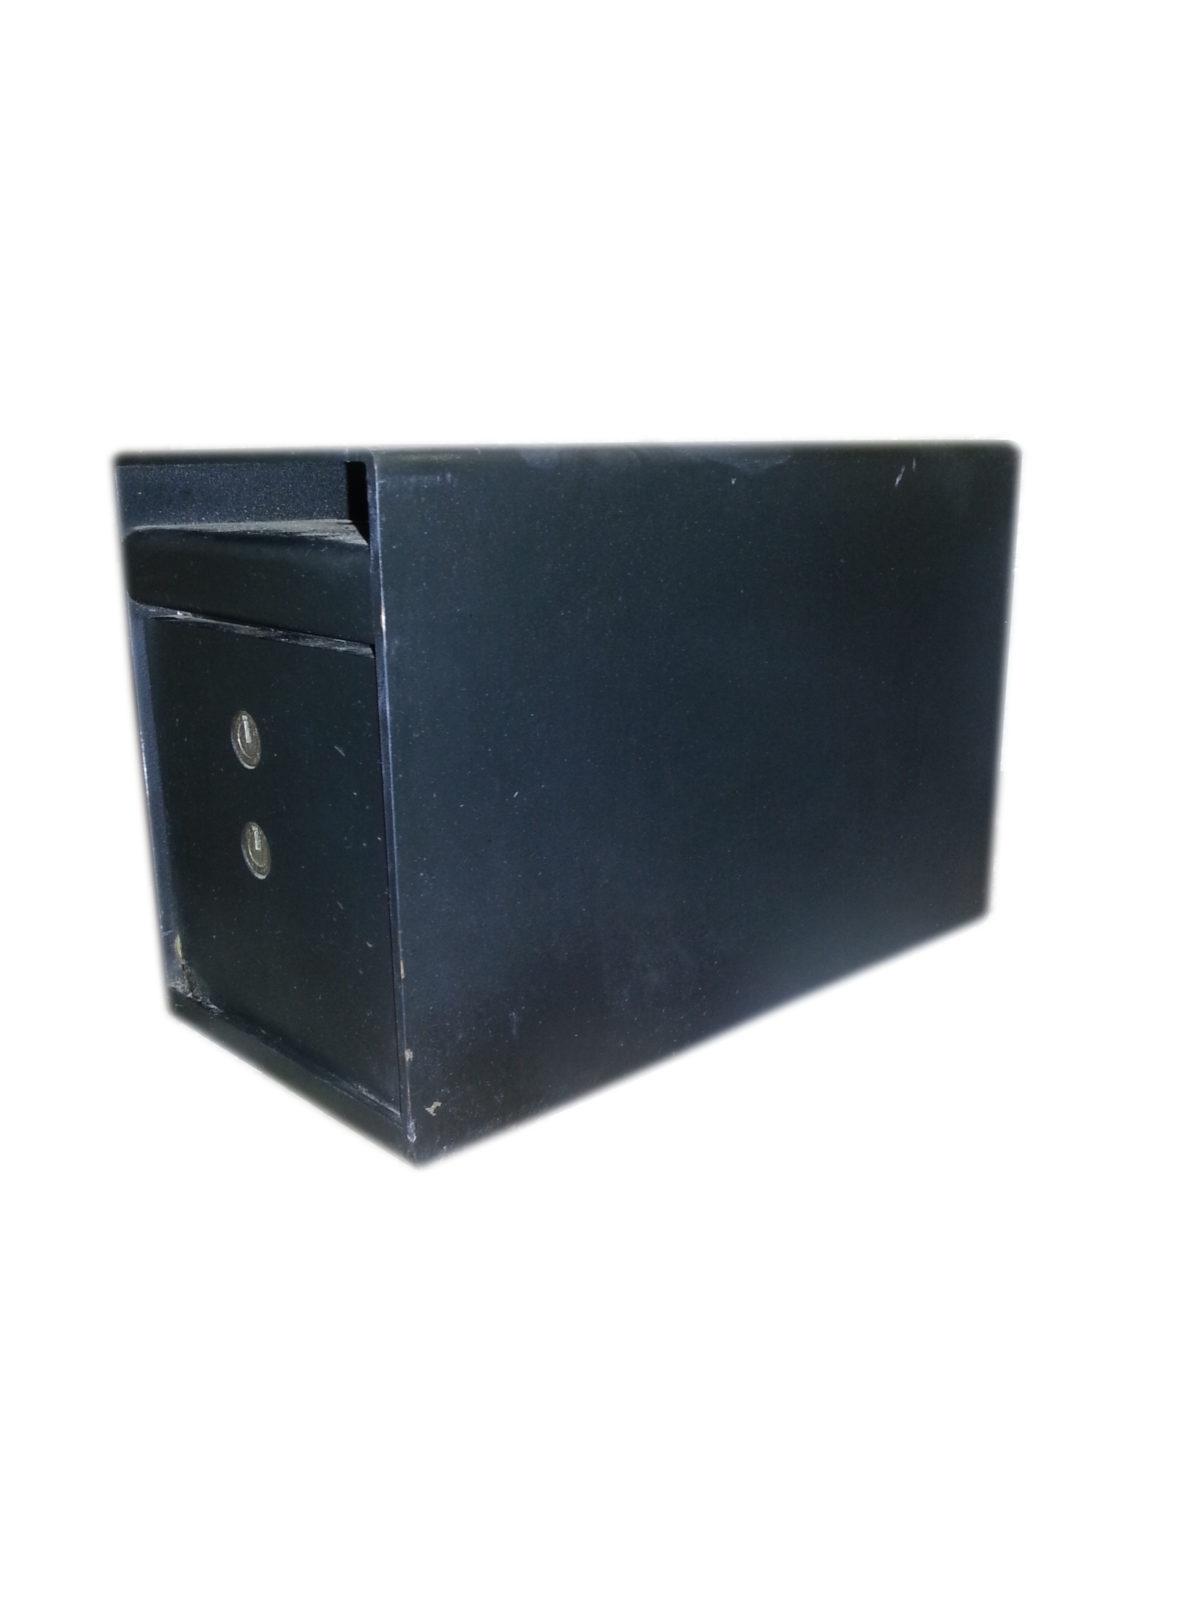 Banktechsafe-Trezortech-Használt bedobós teherautószéf